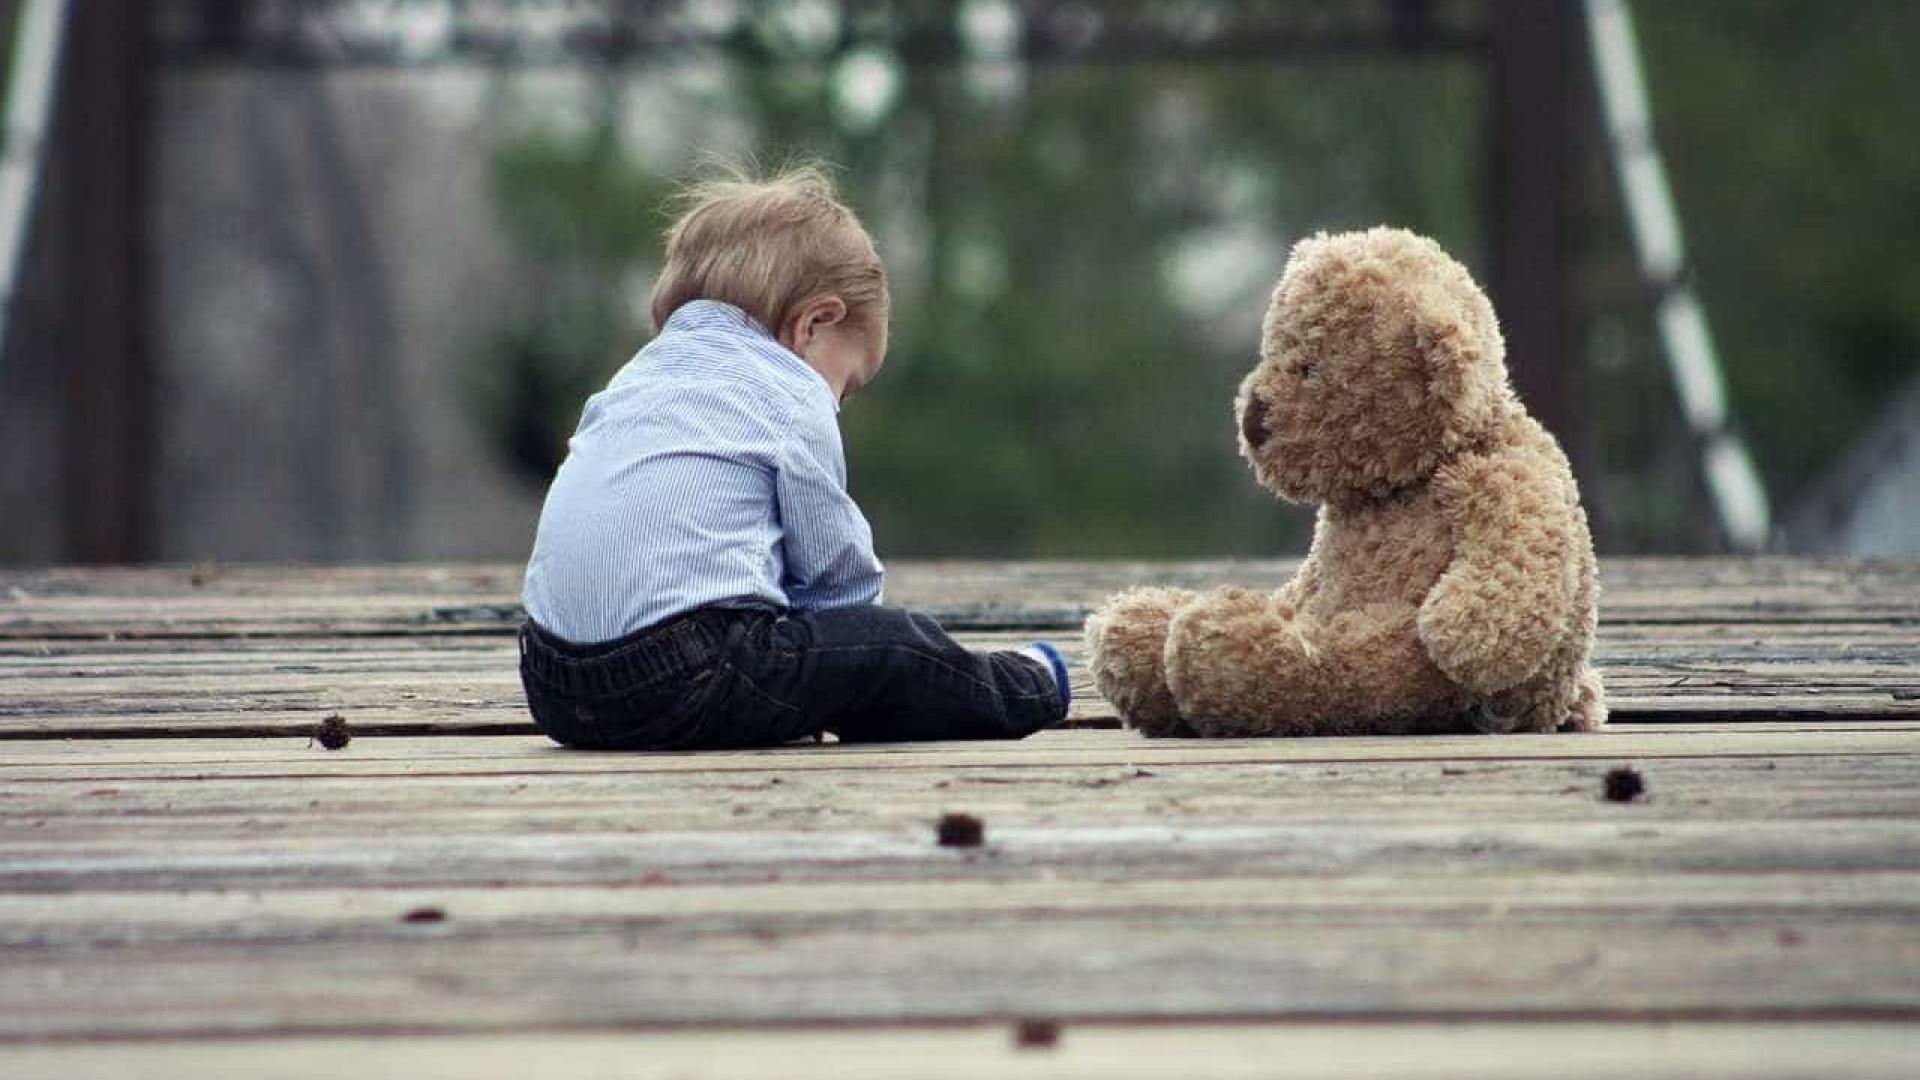 5 coisas óbvias que você não deve fazer com o filho dos outros